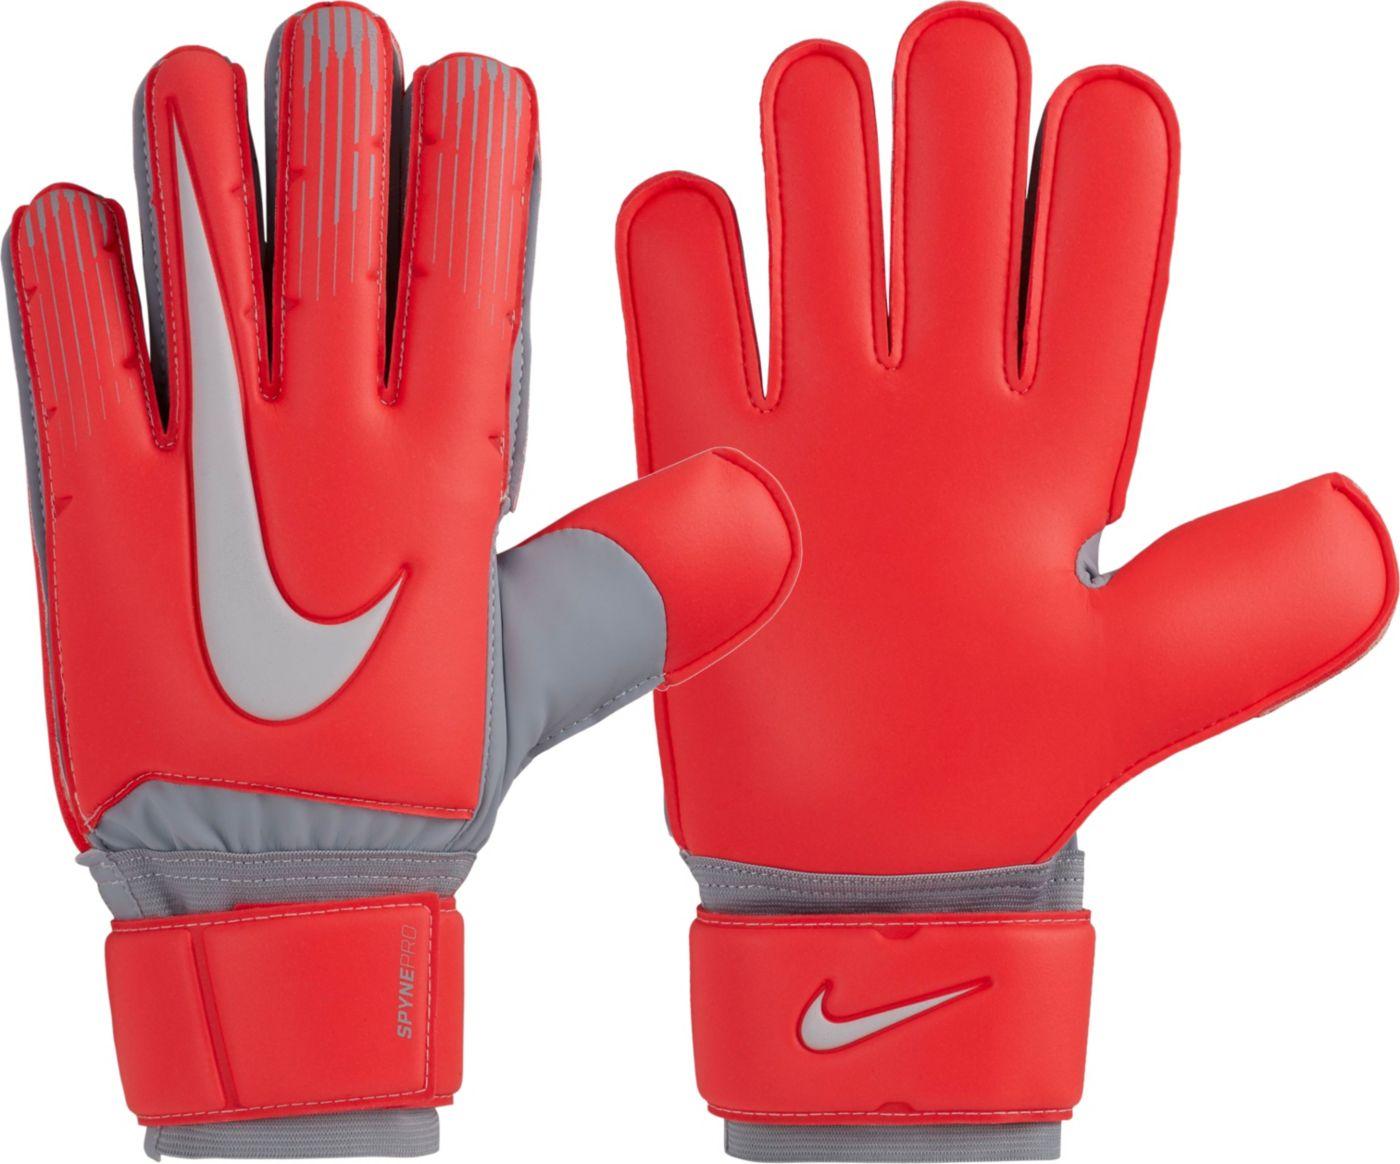 Nike Adult Spyne Pro Soccer Goalkeeper Gloves